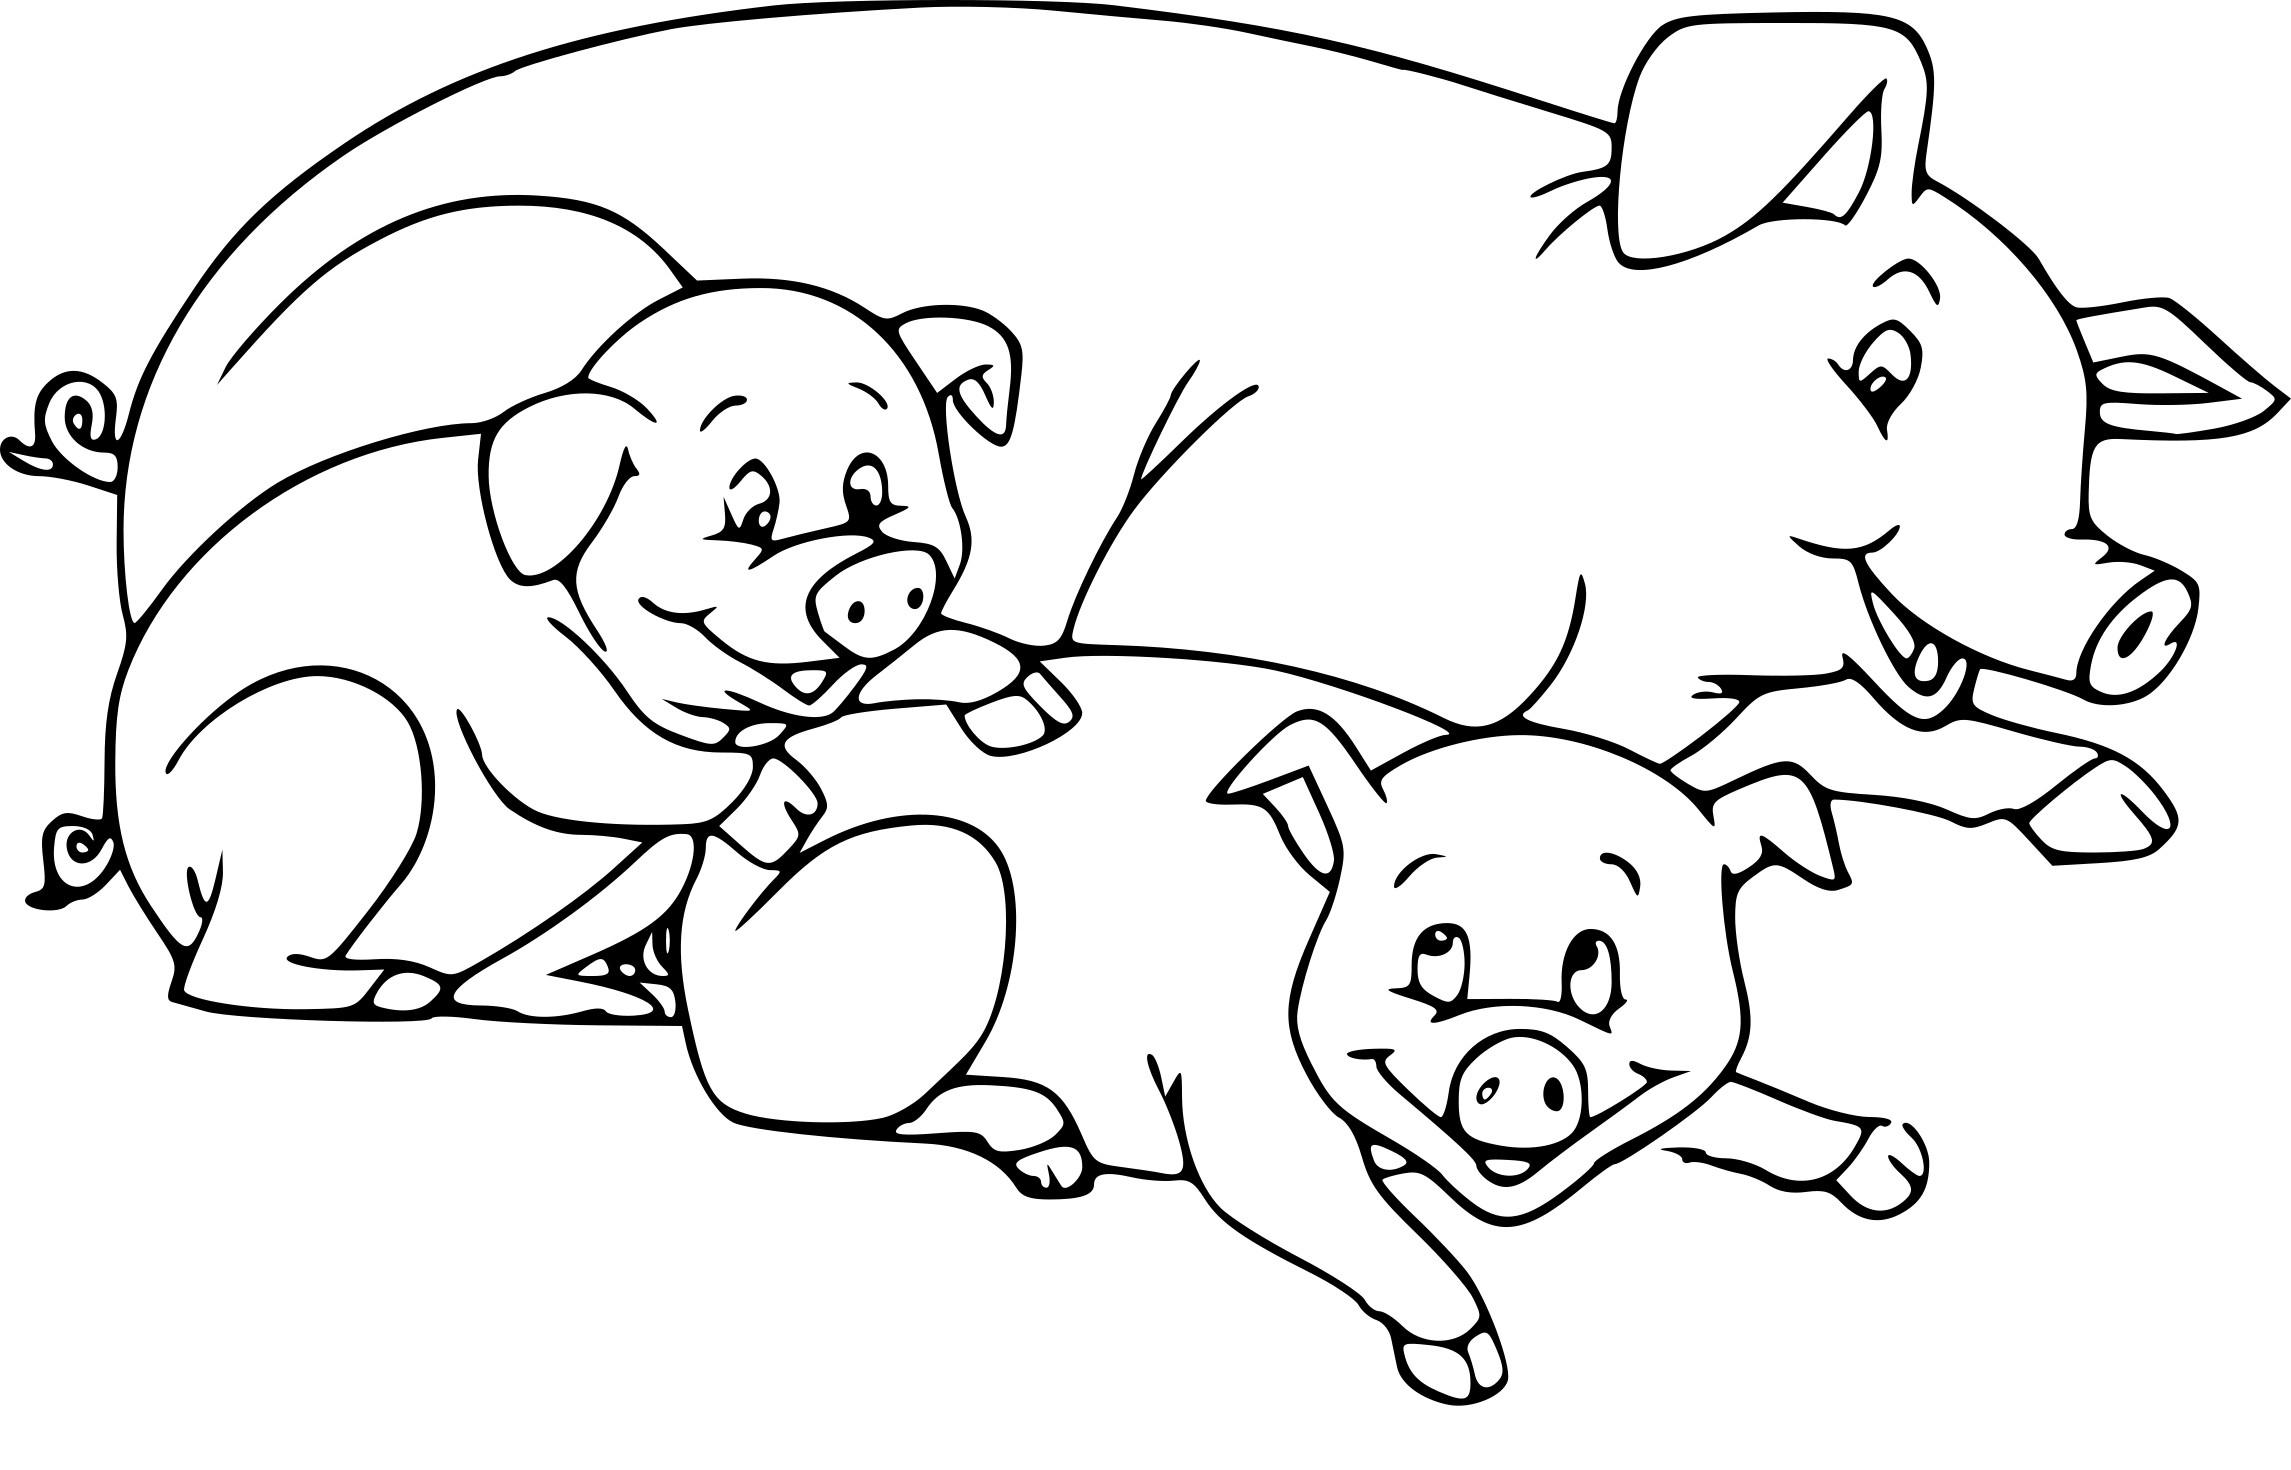 Coloriage Cochon La Ferme À Imprimer Sur Coloriages avec Dessin A Colorier Cochon